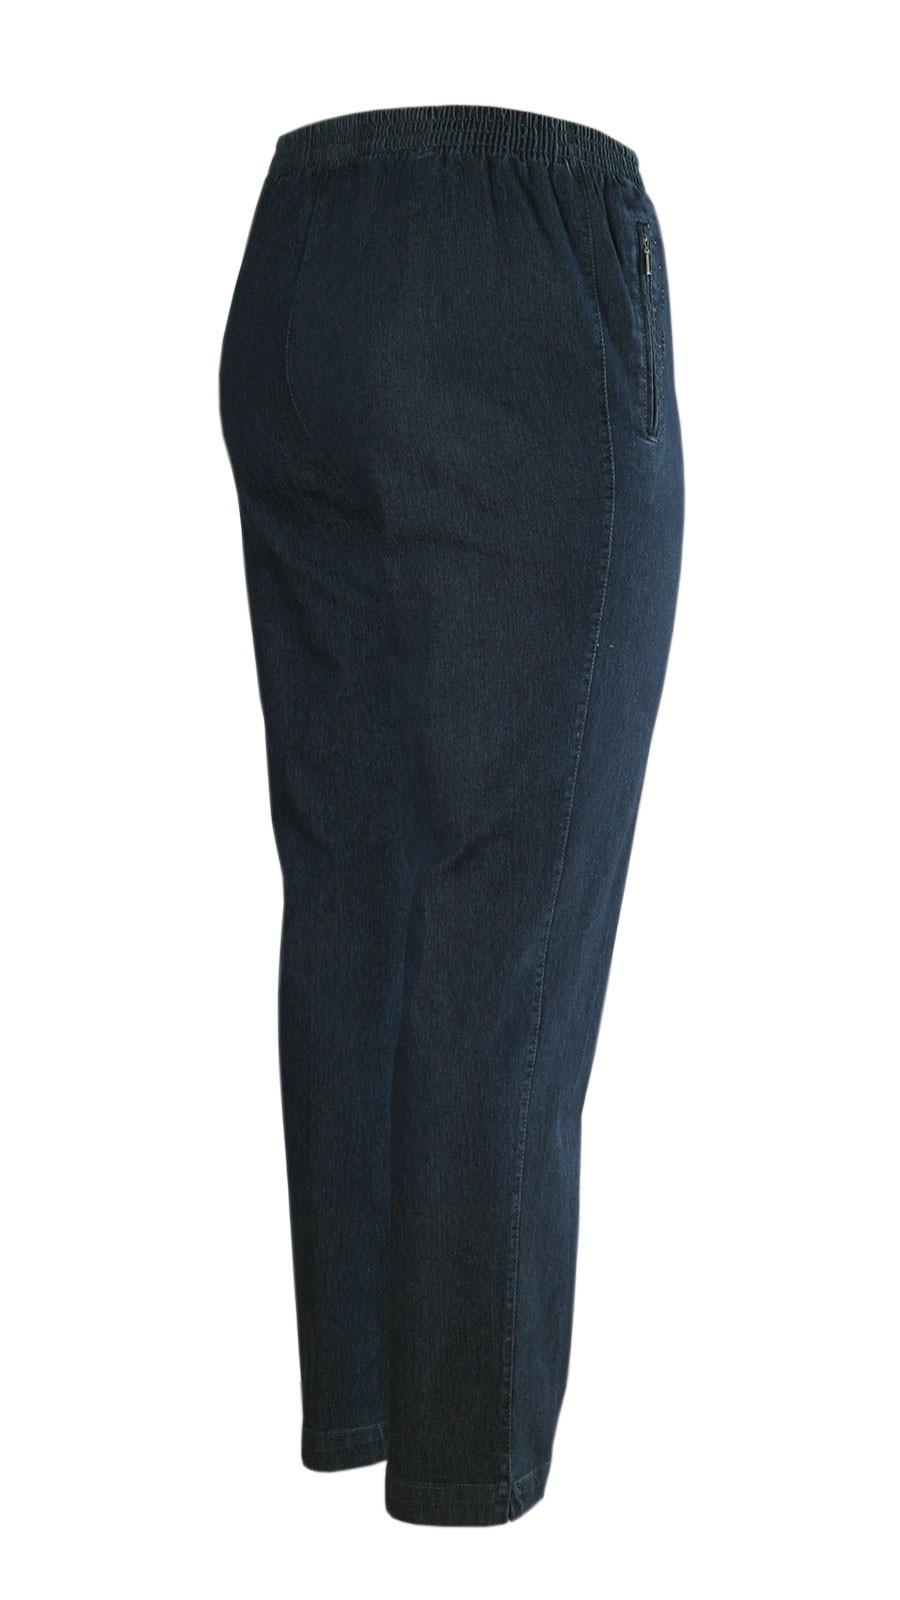 Damen Stretch Jeans Schlupfhose Schlupfjeans K-Größen - Herbst-Winter-Kollektion - dunkelblau